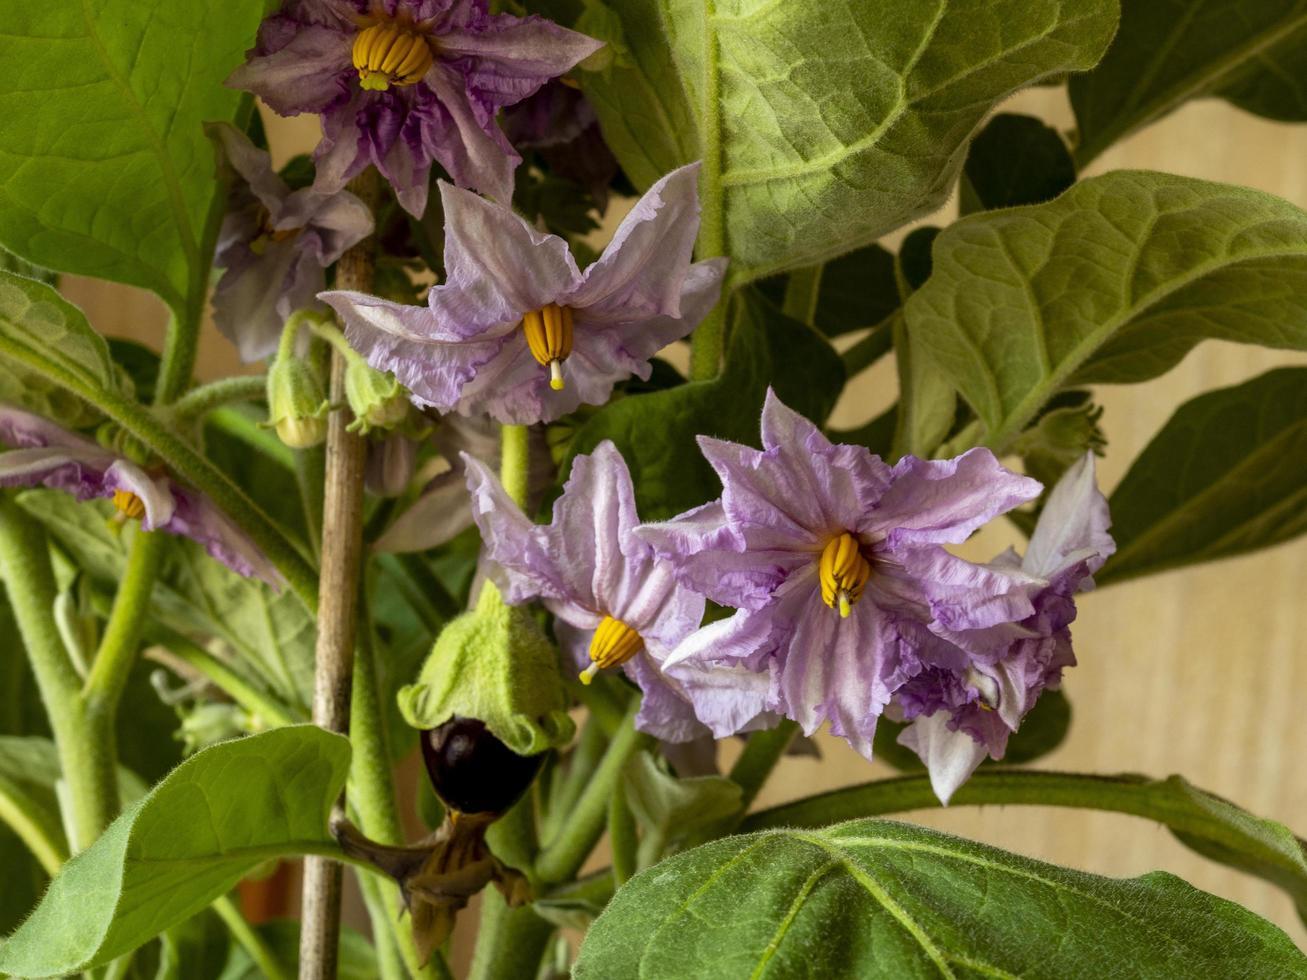 flores y un fruto en desarrollo en una variedad de planta berenjena Ofelia foto